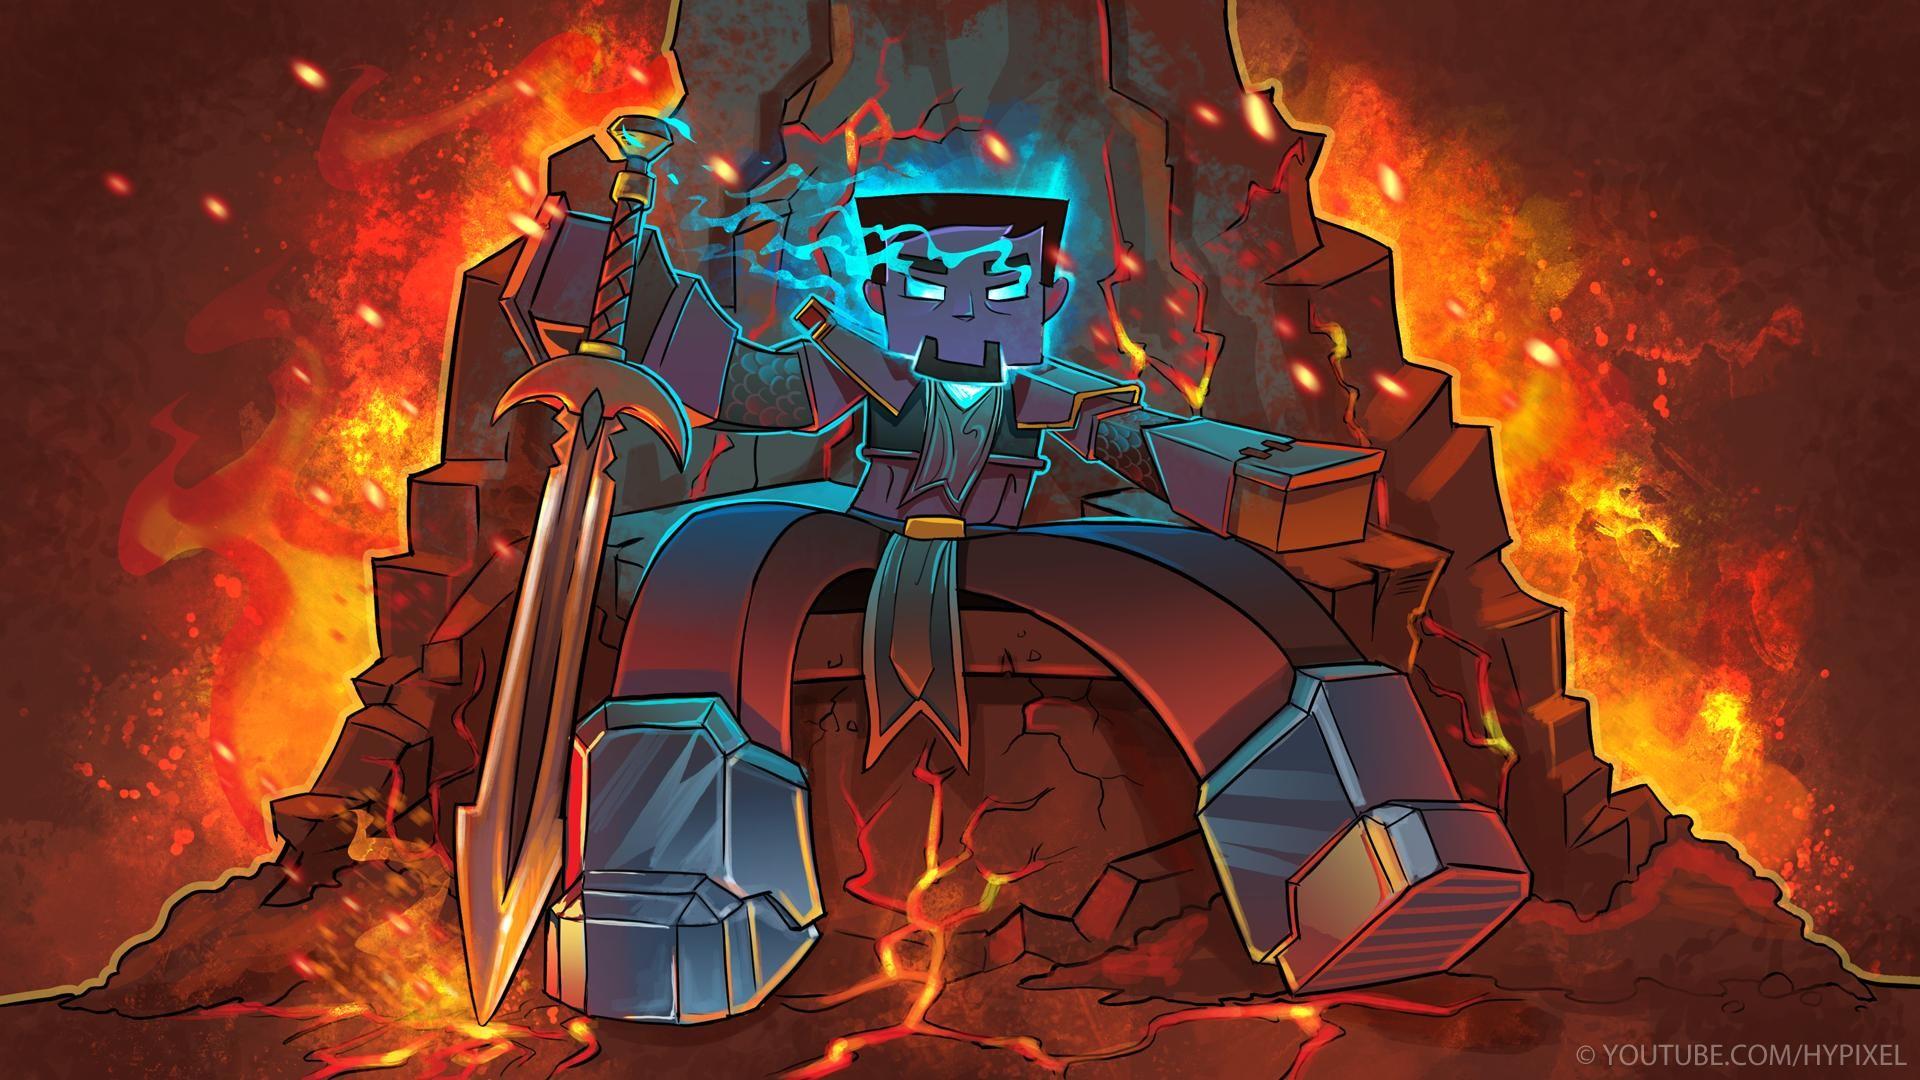 Res: 1920x1080, Minecraft Herobrine wallpaper high resolution